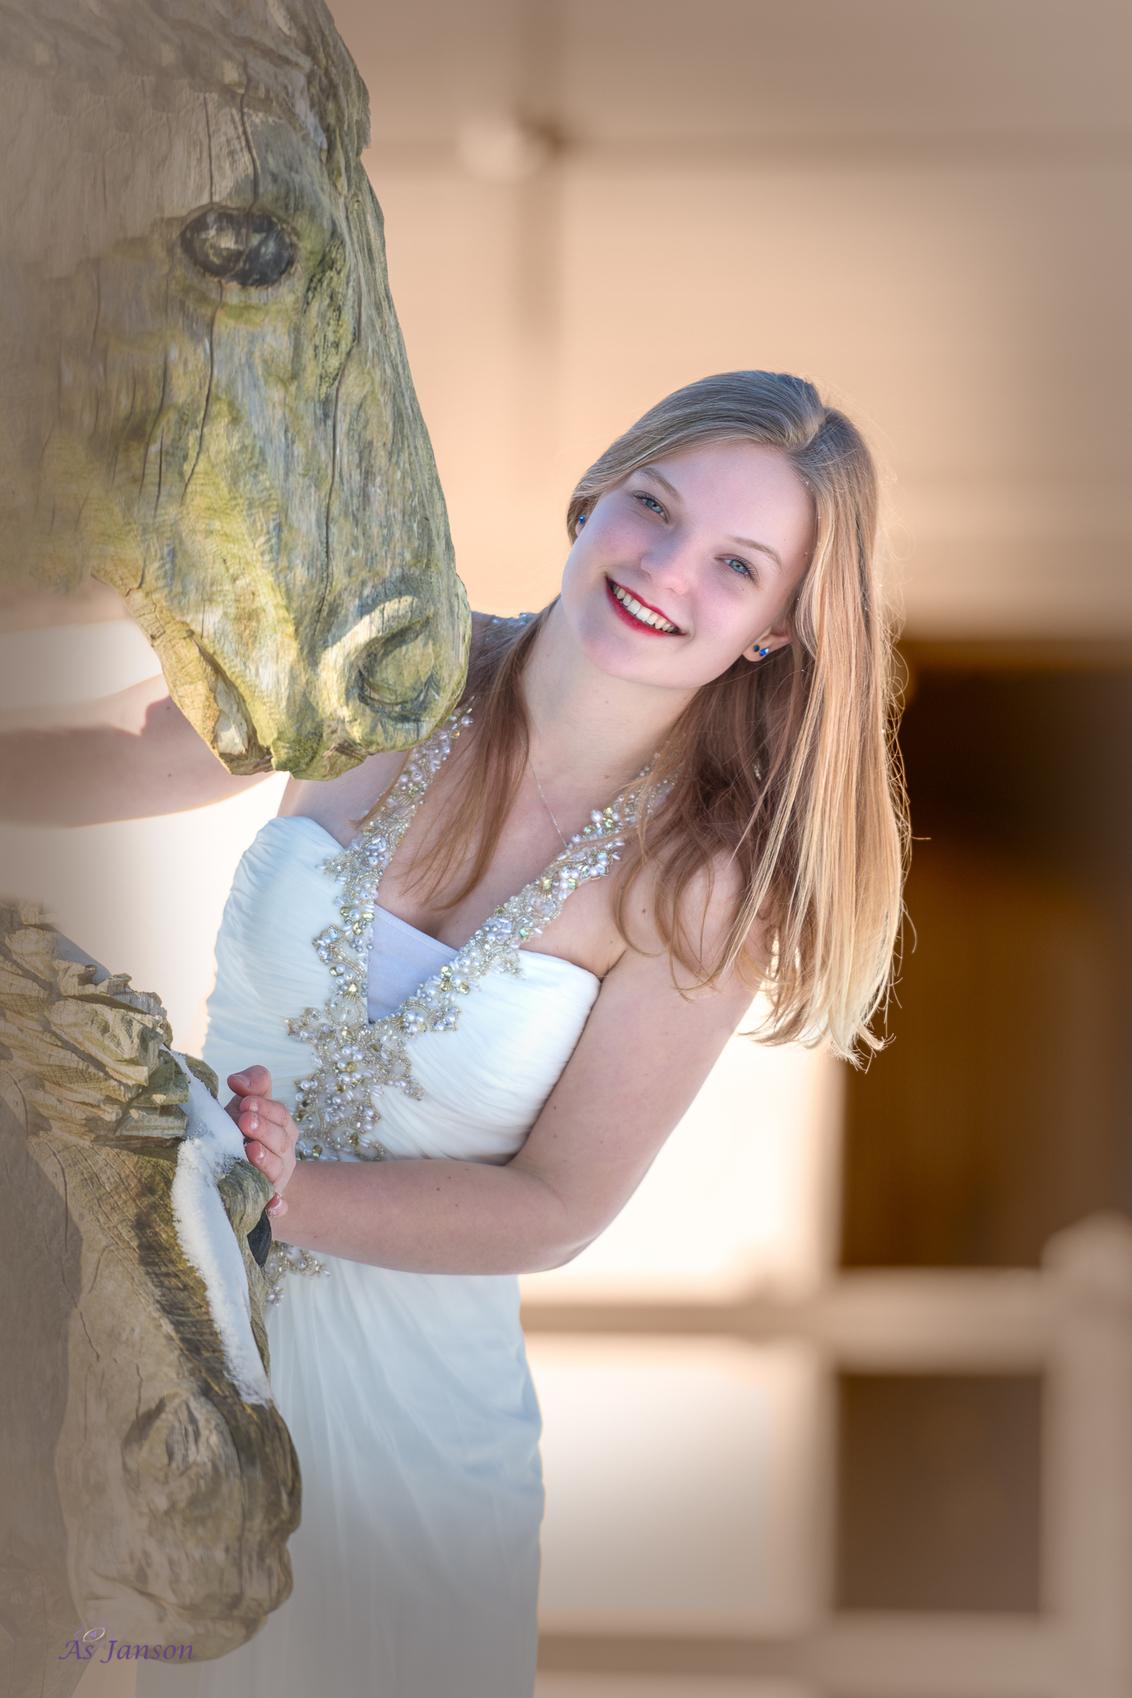 """Smile - """" Een droom die uitkomt"""" Dat zijn haar eigen woorden. Ze wilde altijd al eens een model zijn. En wat voor één! - foto door Asjanson op 04-03-2021 - deze foto bevat: vrouw, mensen, portret, model, daglicht, ogen, haar, meisje, beauty, blond, fotoshoot, 50mm"""